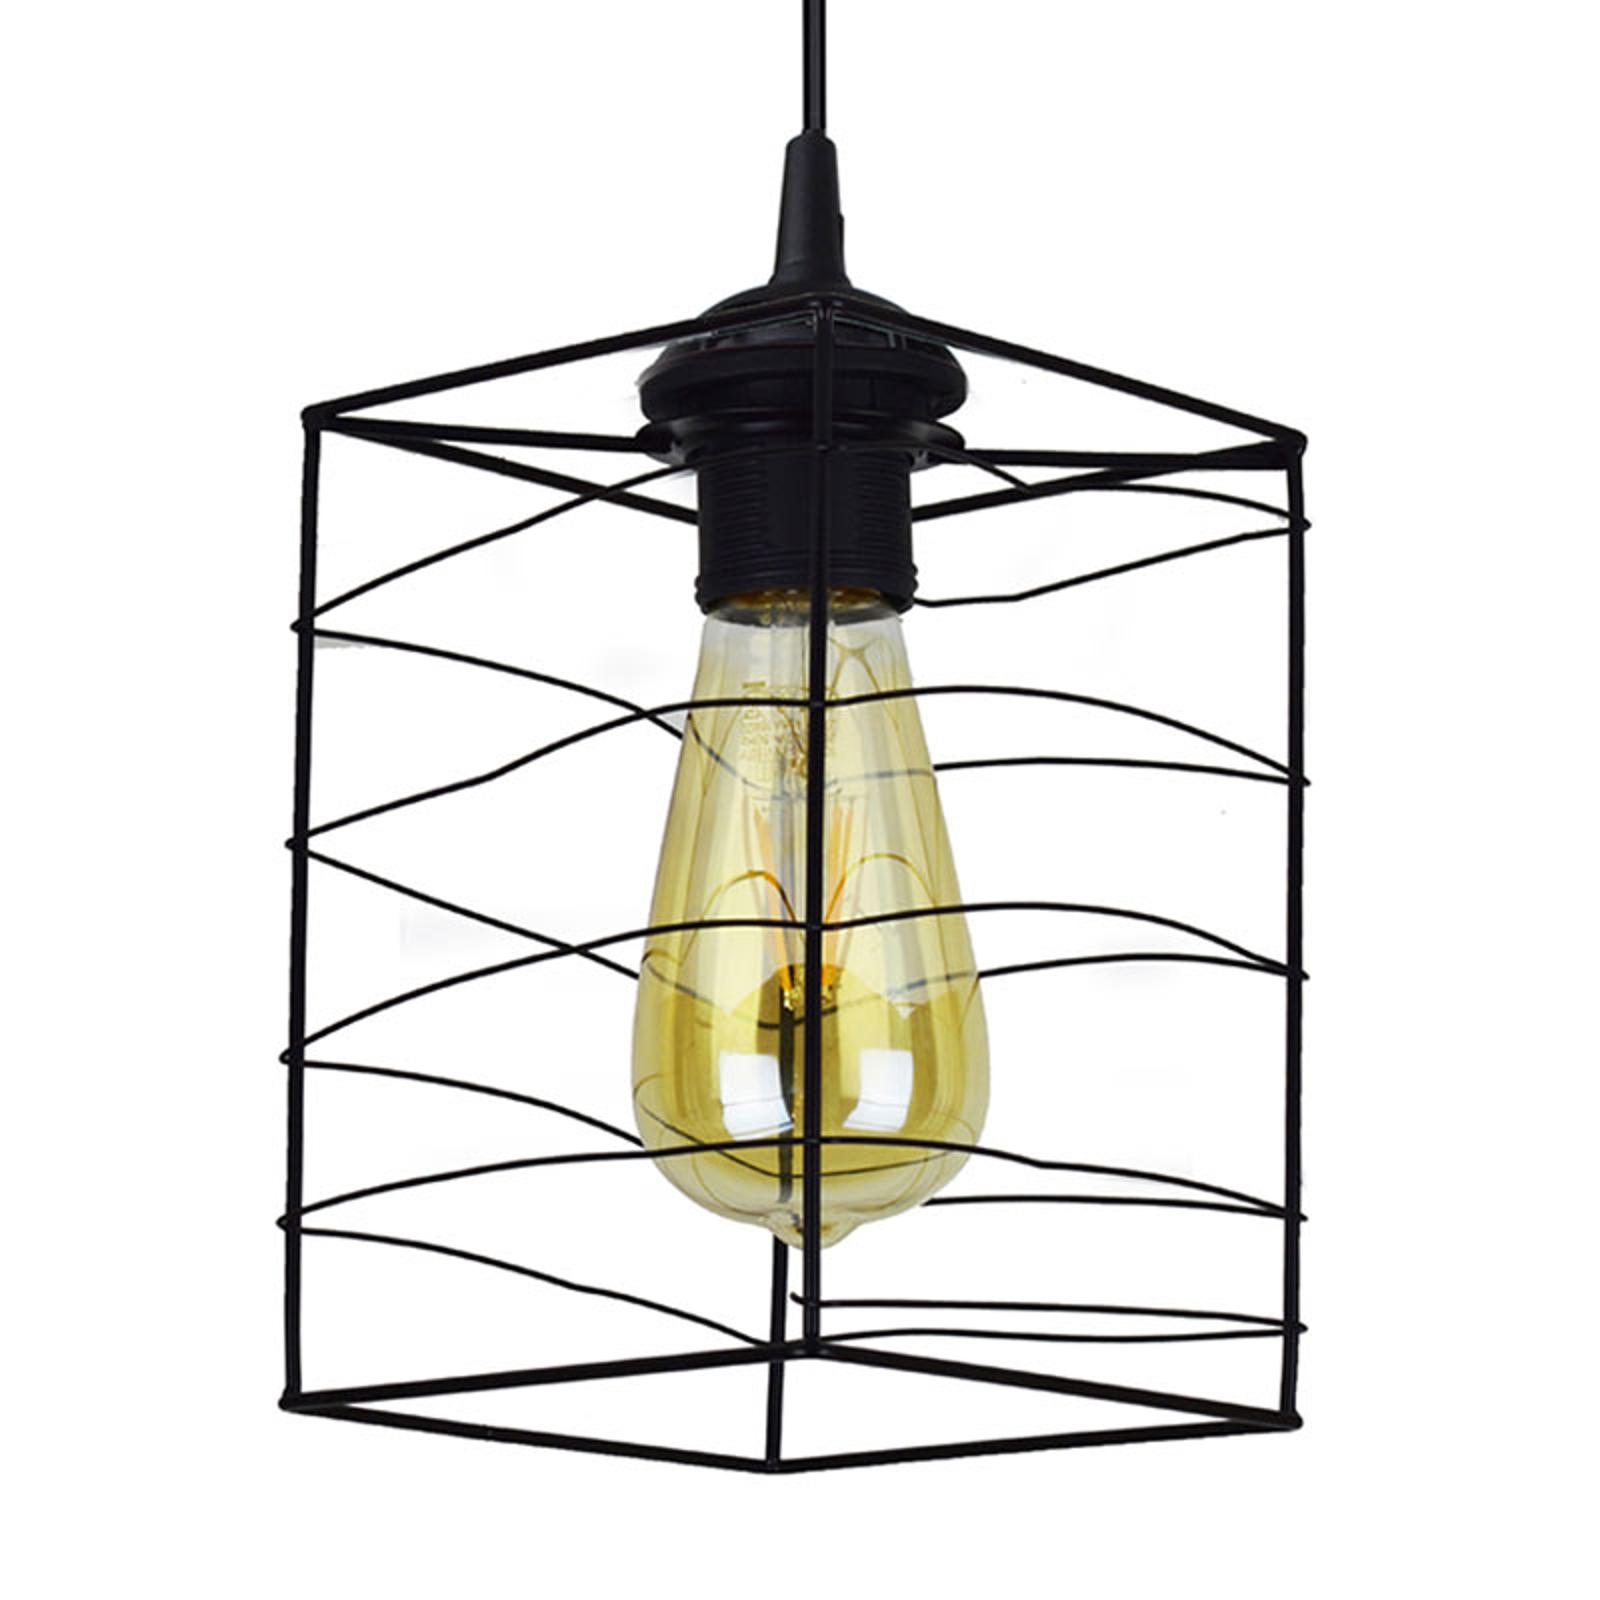 Hanglamp Dantos, 1-lamp, zwart